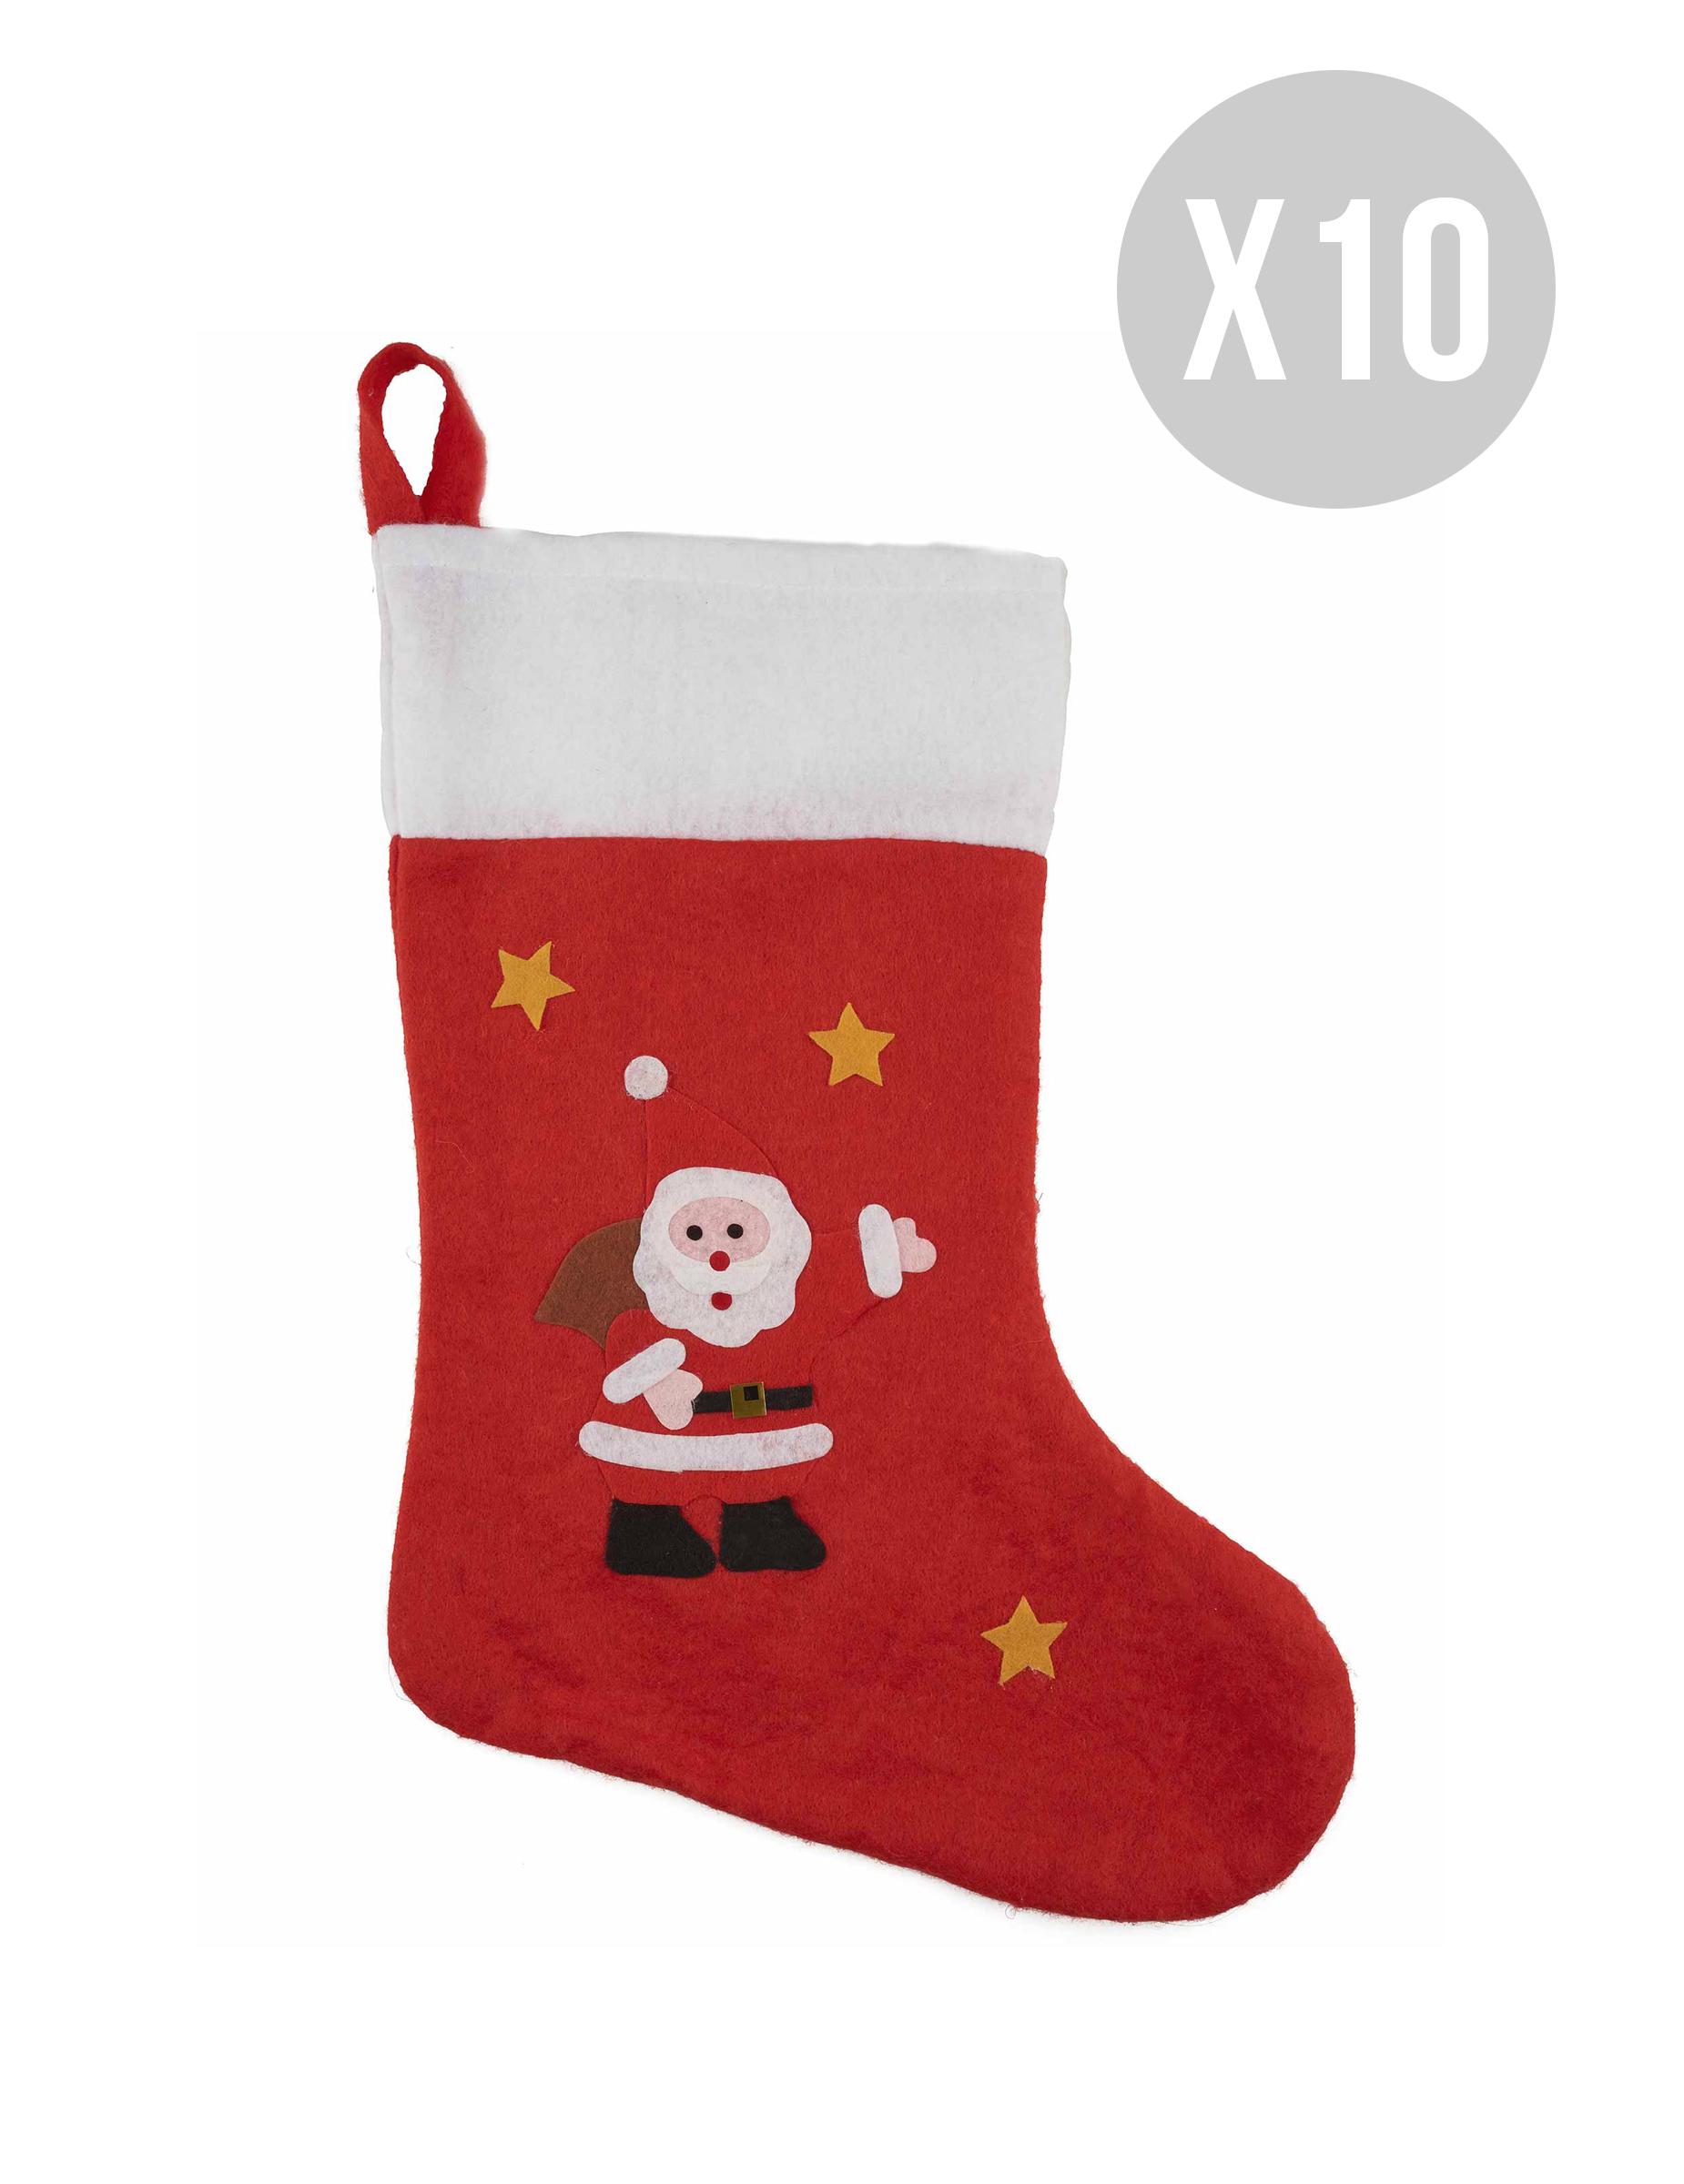 Weihnachts-Strumpf Geschenk und Raumdekoration 10 Stück weiss-rot ...